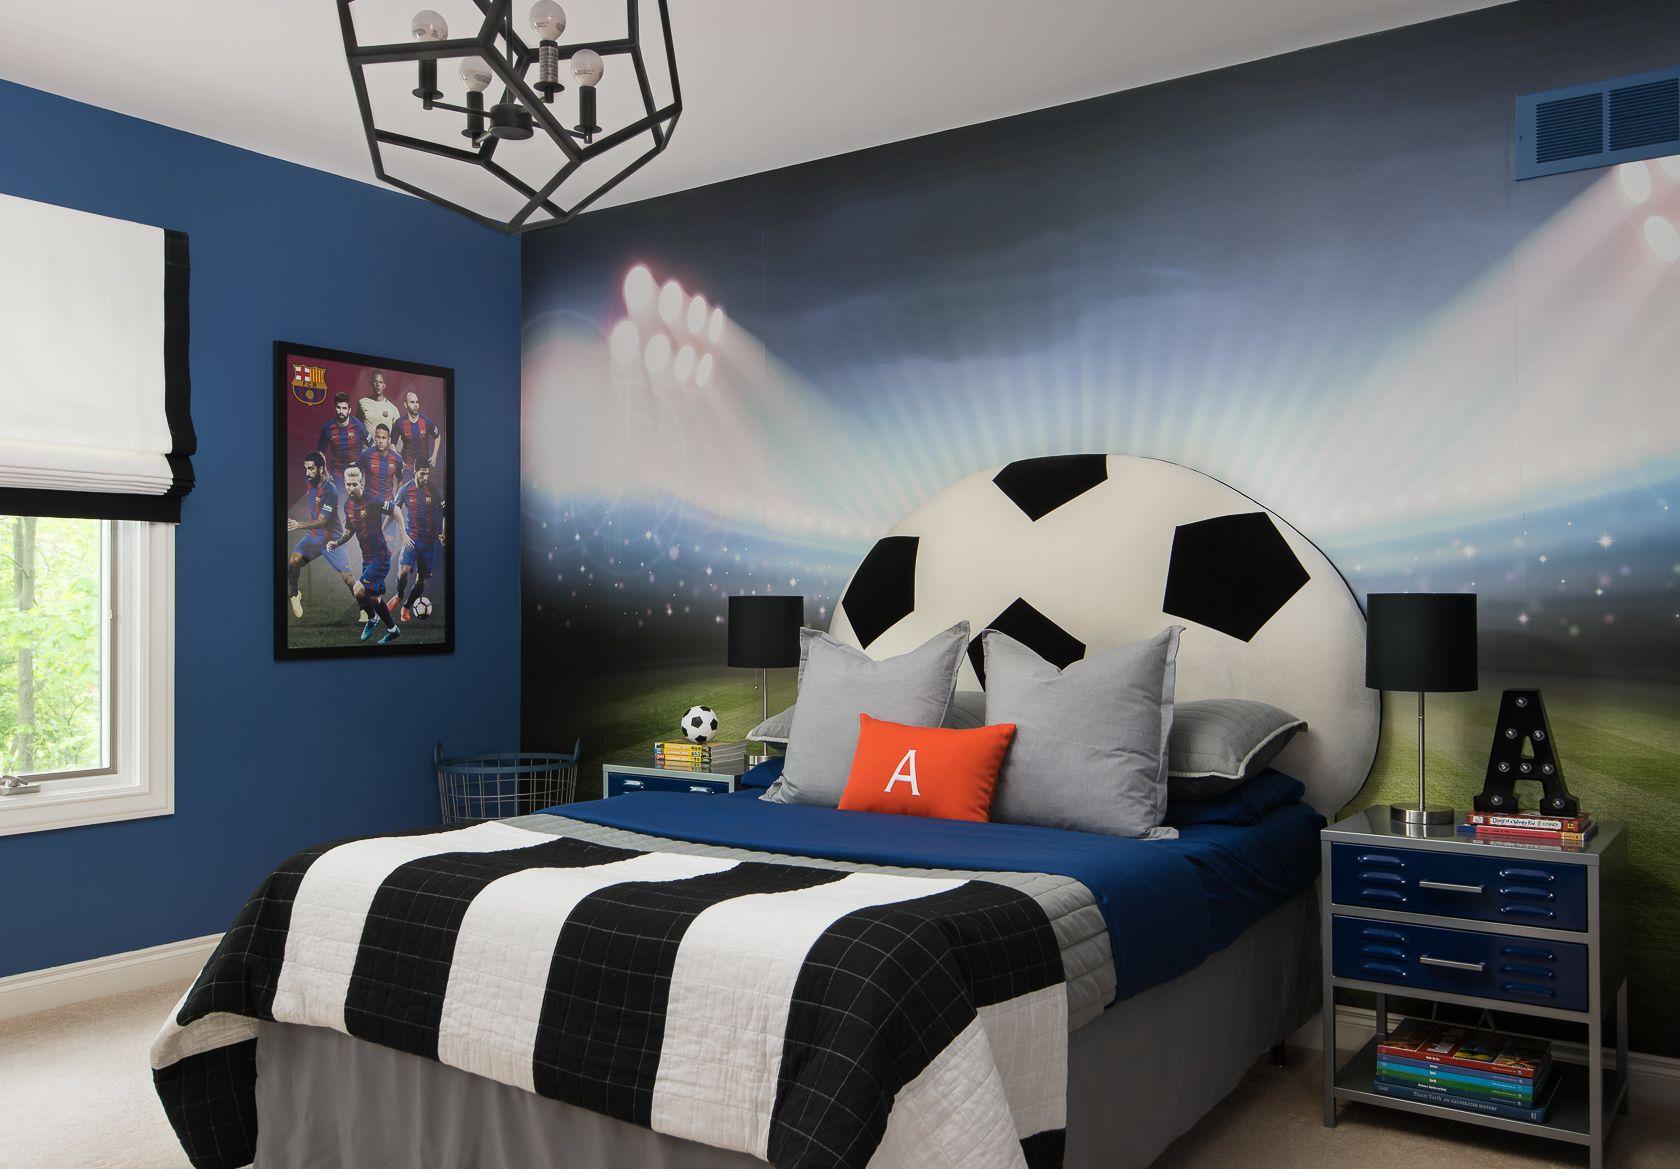 Soccer Themed Bedroom Decor For Kids Soccer Themed Bedroom